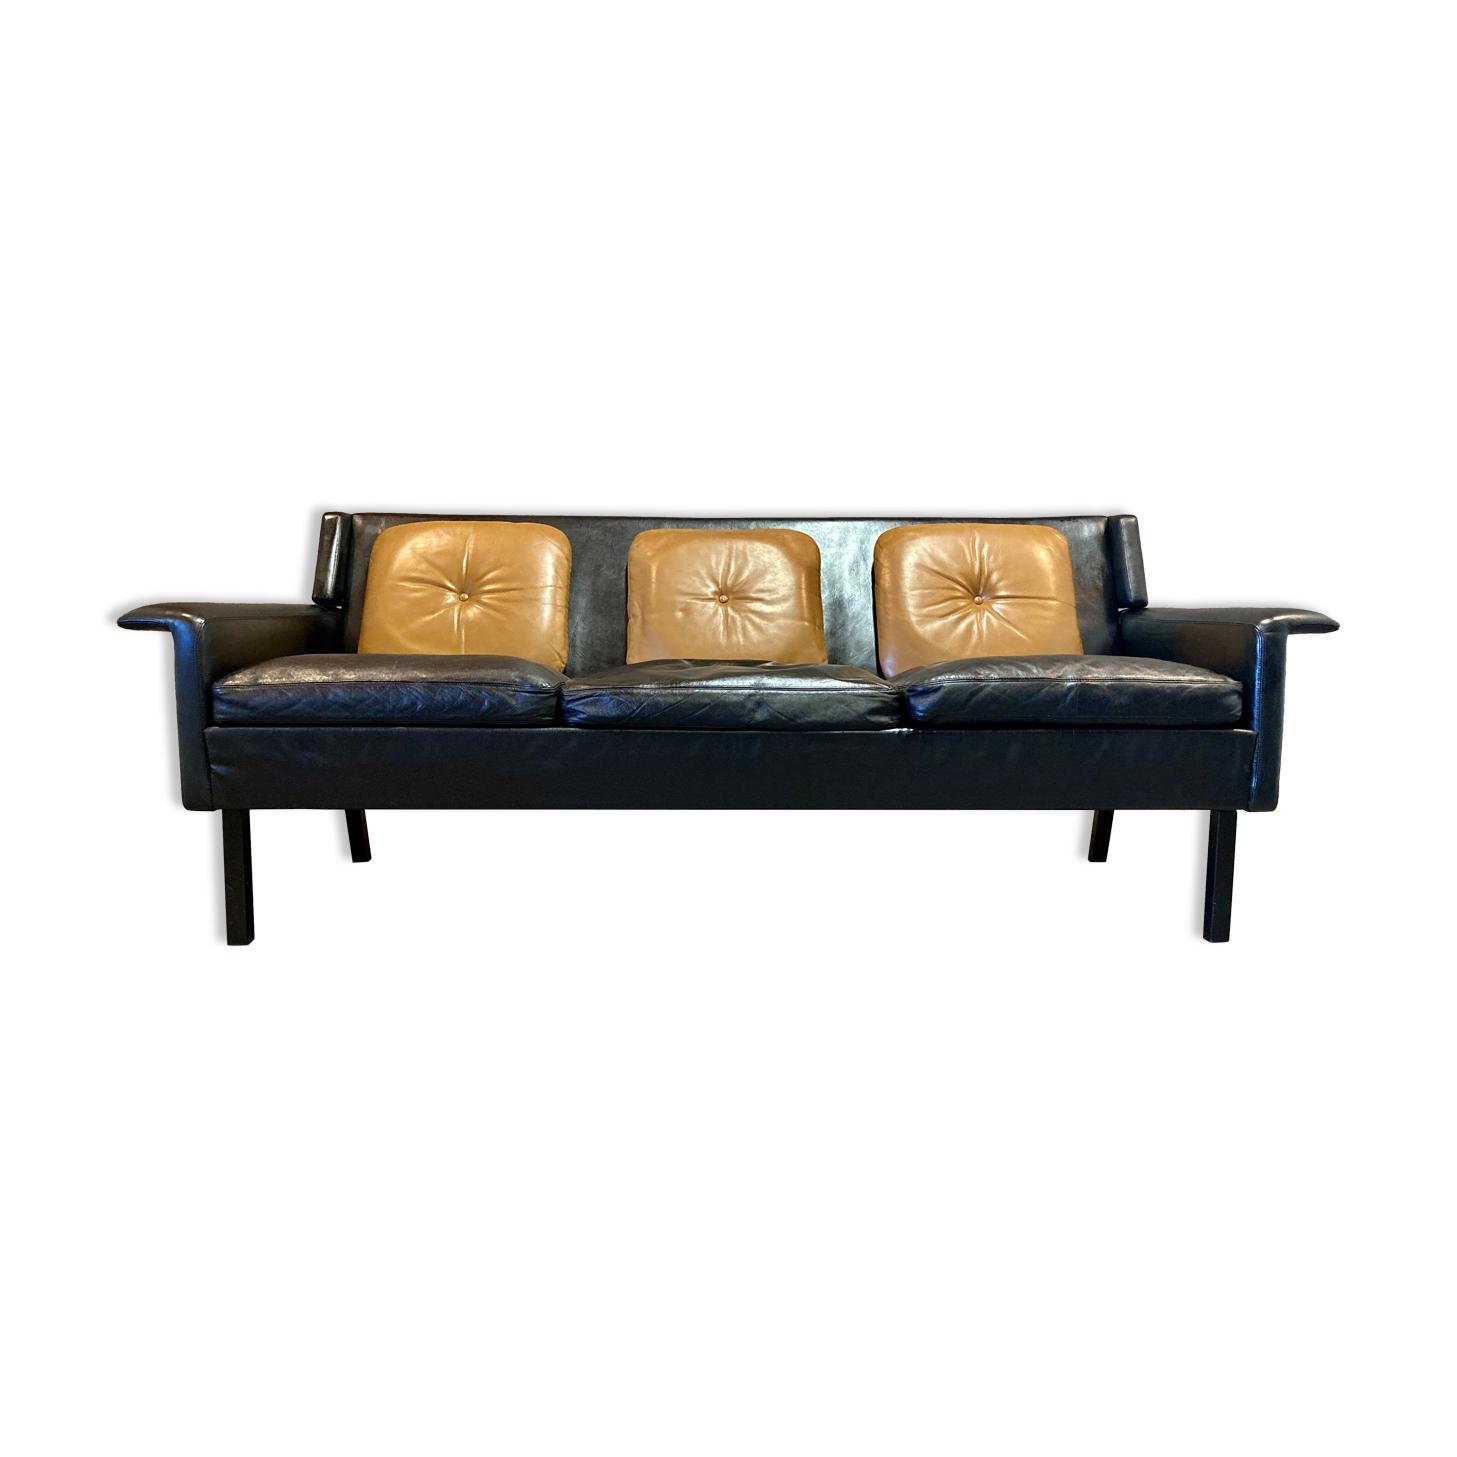 Canapé cuir noir design scandinave 1950